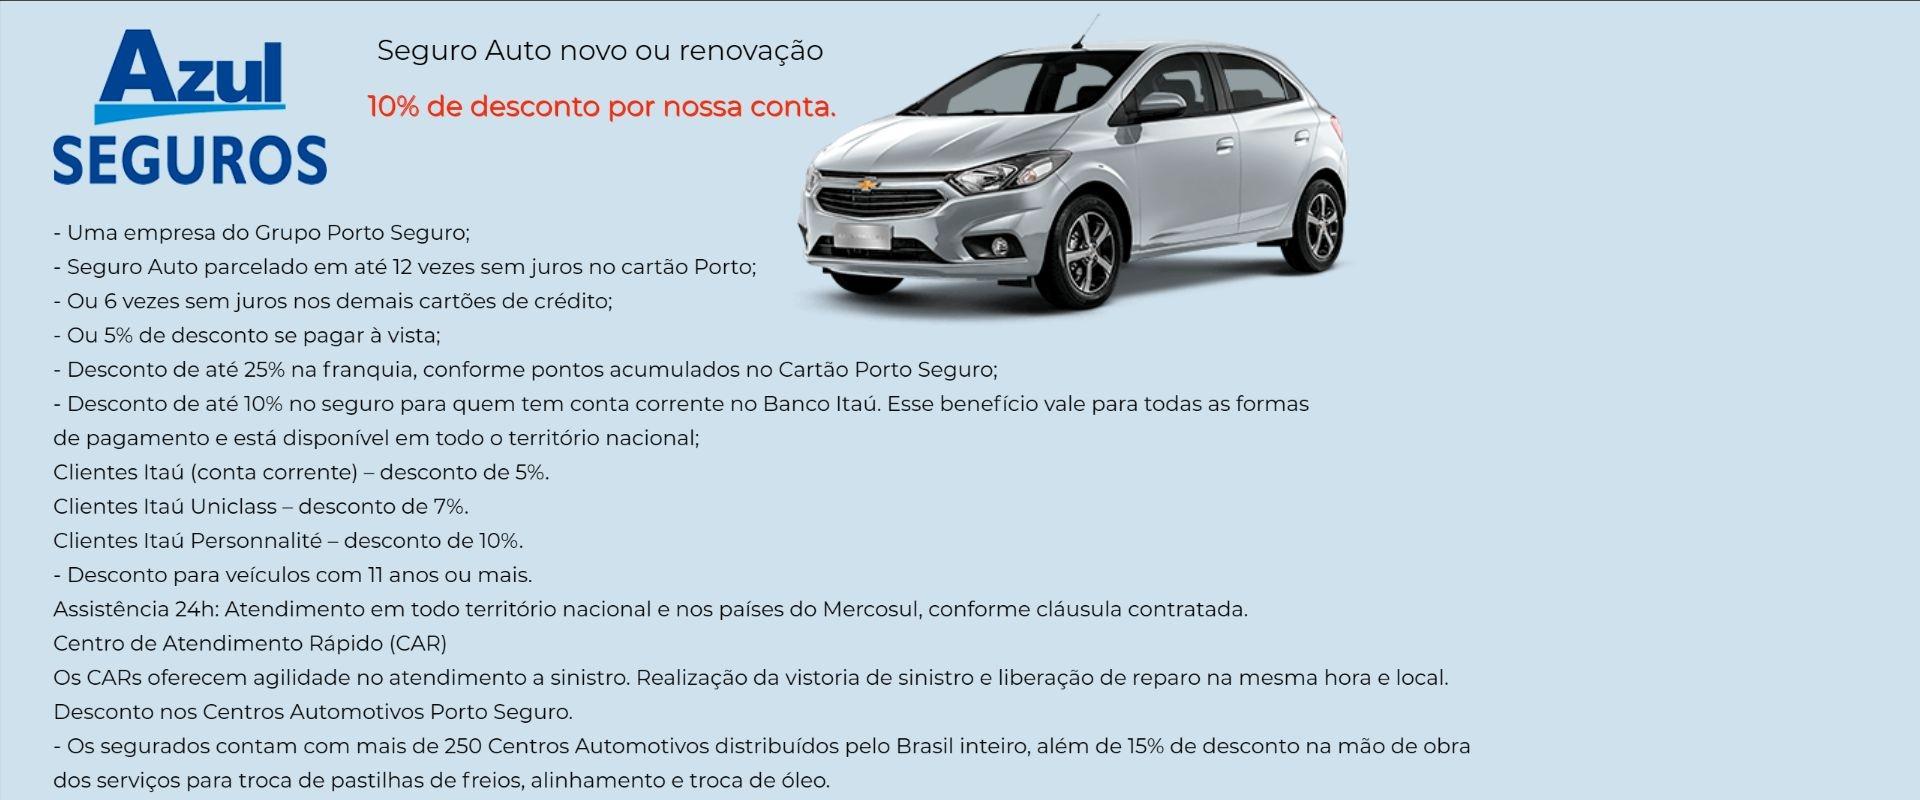 Azul Seguro Auto com Desconto em Santana de Paranaíba